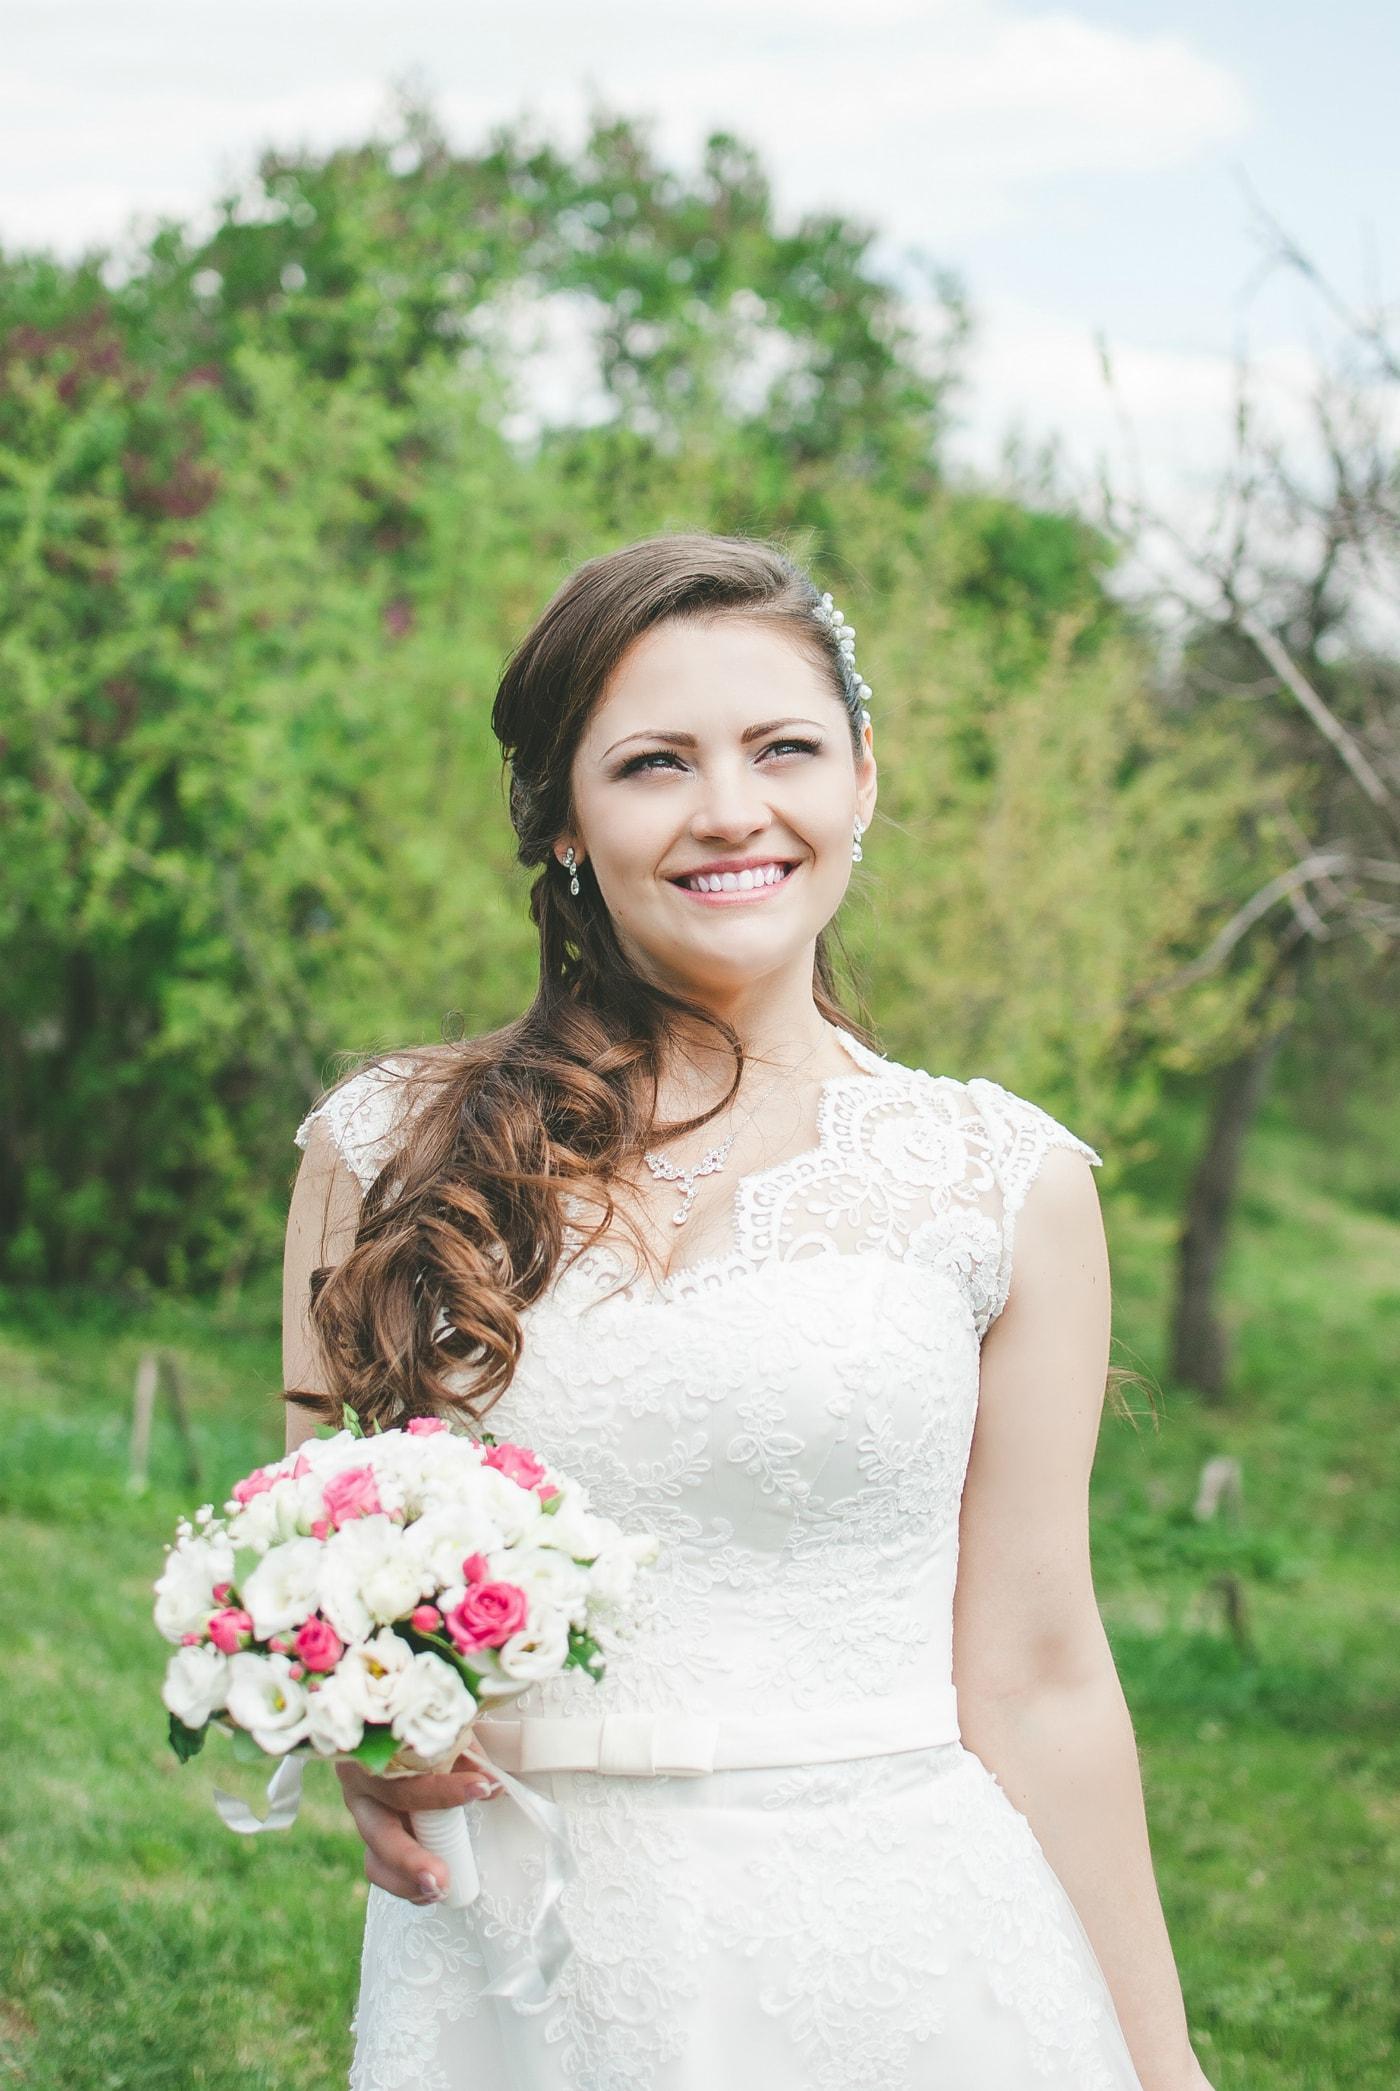 Счастливая невеста в ботсаду - фотограф Женя Лайт